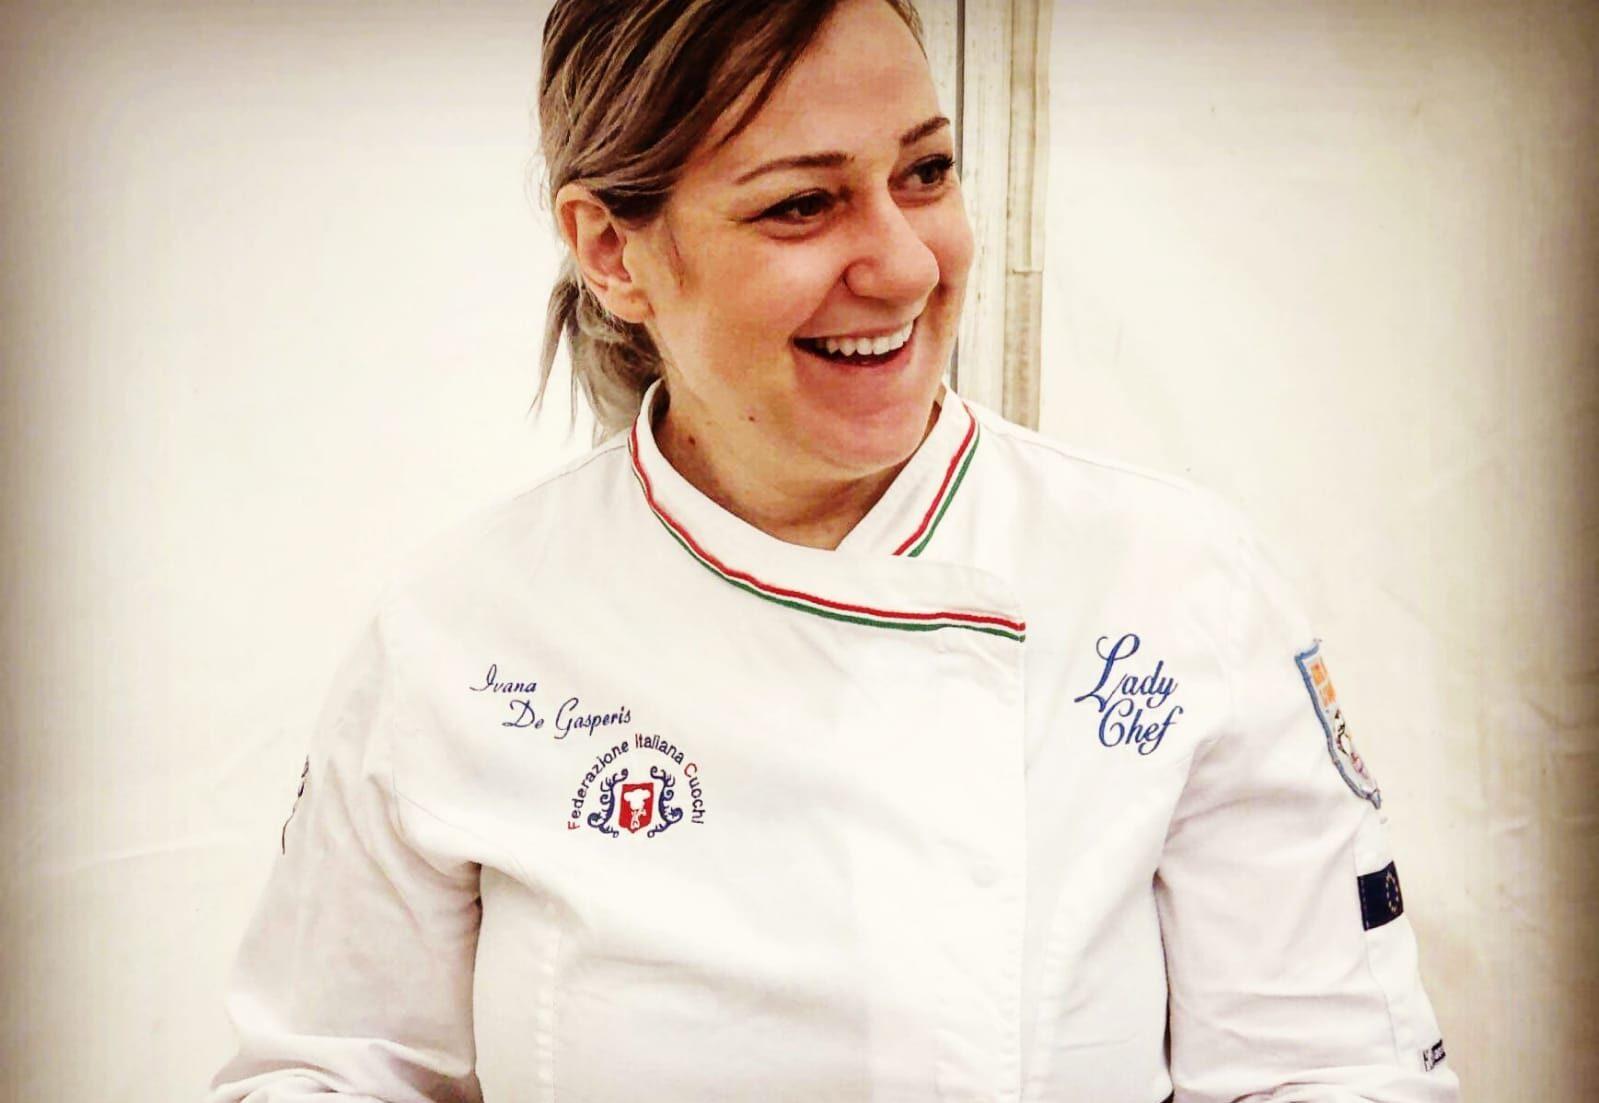 Un nuovo gustoso inizio per la Chef avezzanese Ivana De Gasperis